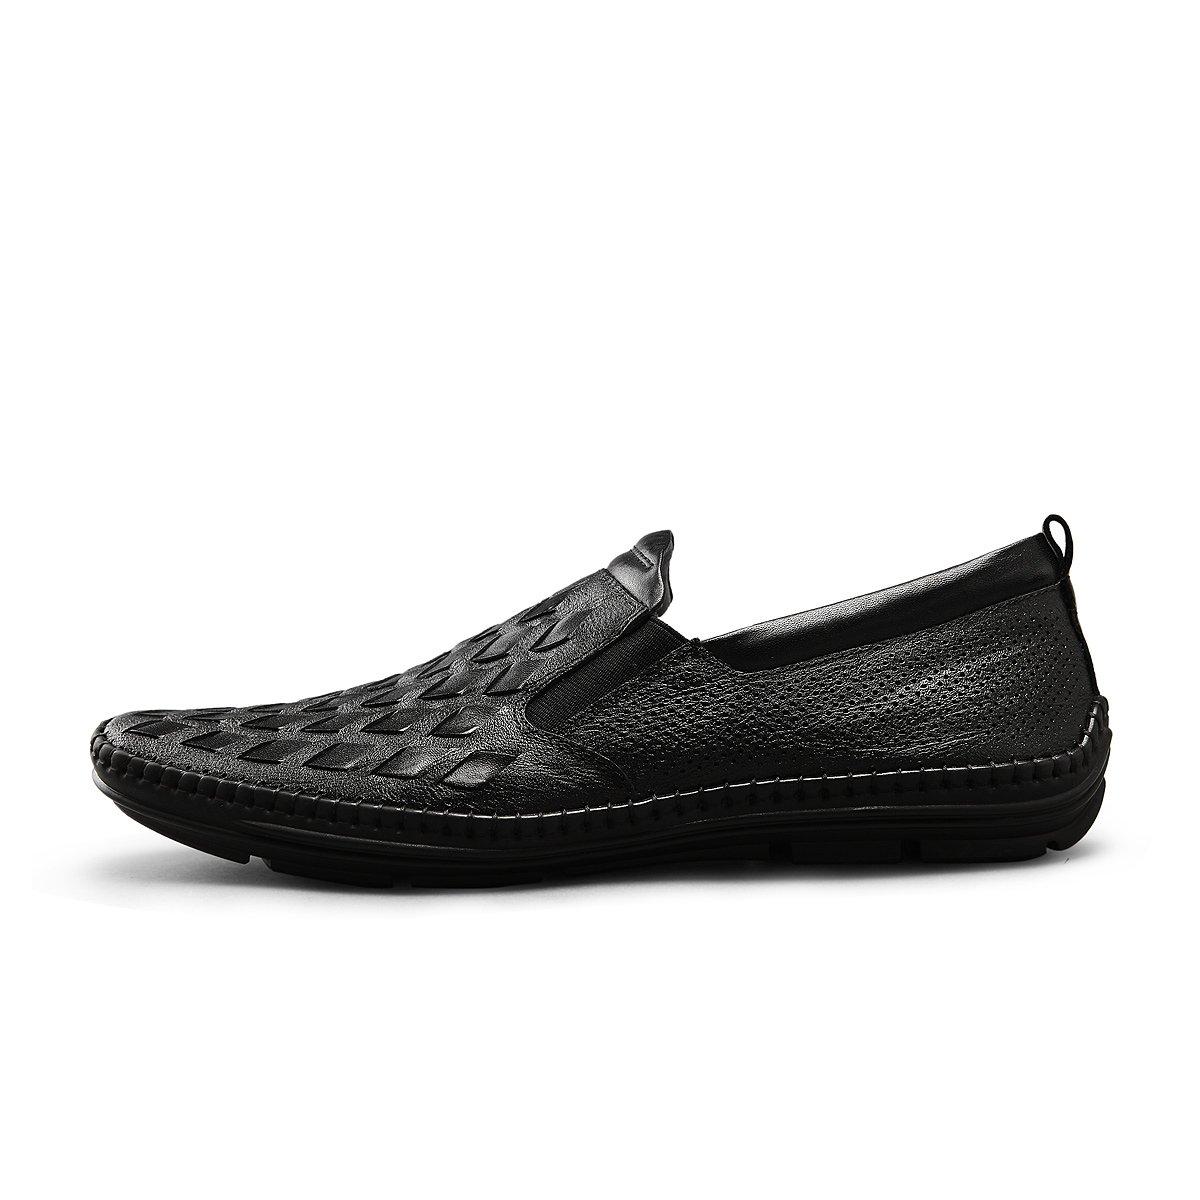 策恩策恩2019春季新款男士商务皮鞋 菱形编织休闲套脚拉线鞋男CV8074A